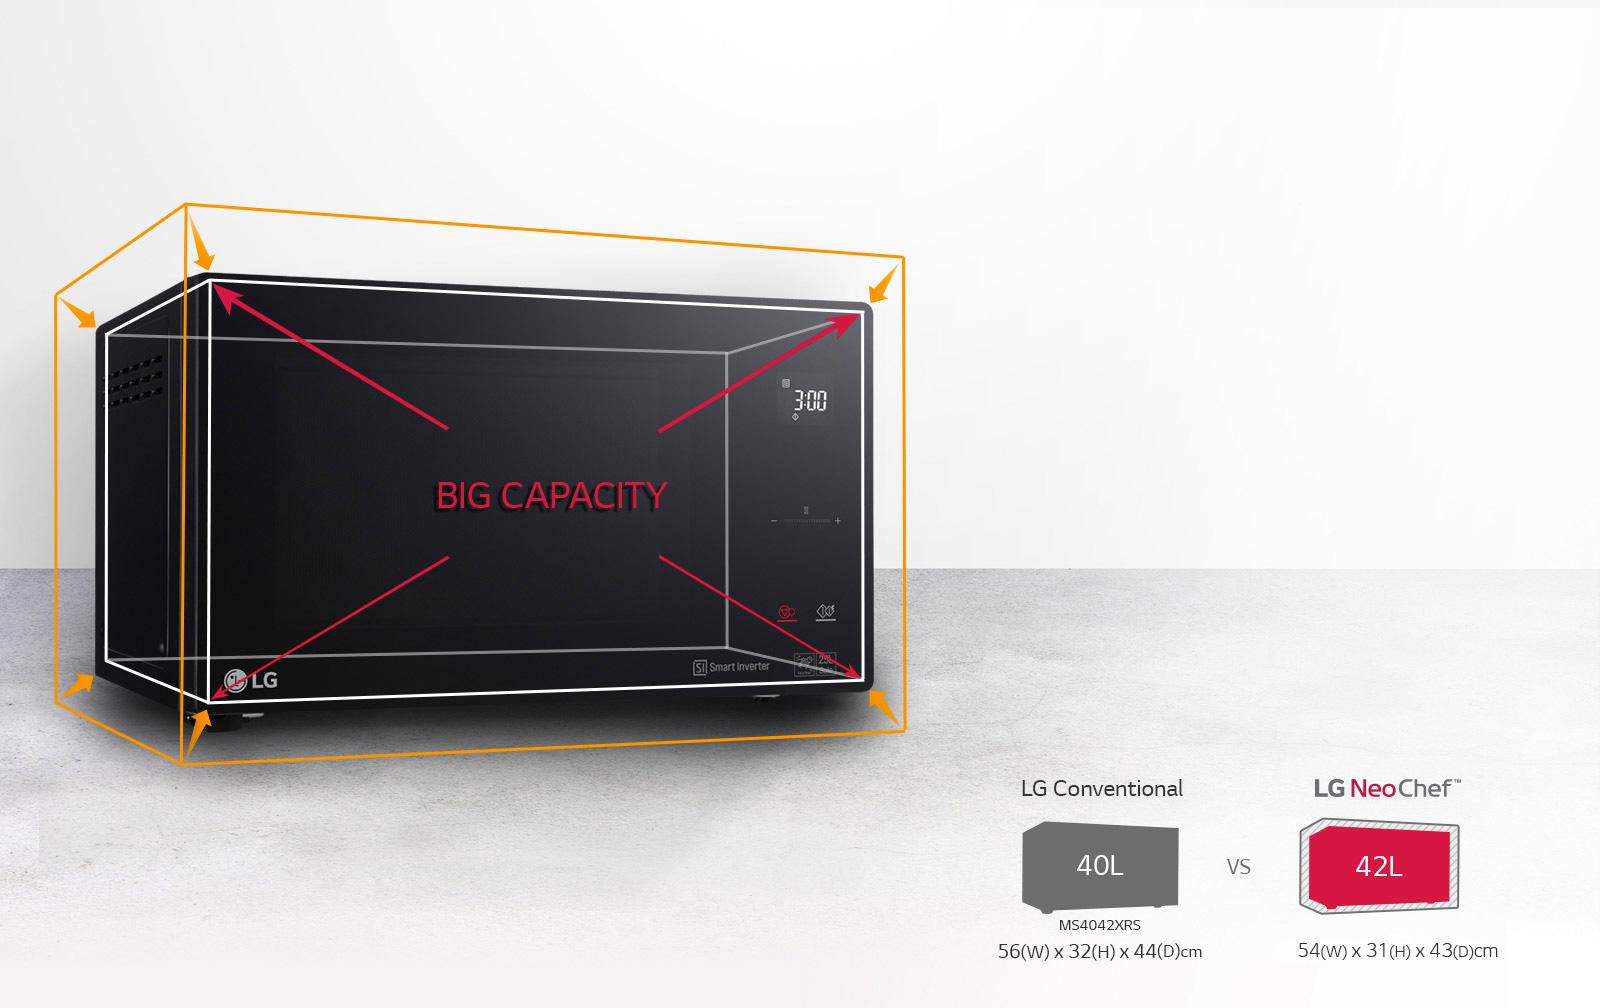 LG NeoChef 42L Auto Sensor Microwave Oven - Black- MODEL: MS4296OBS